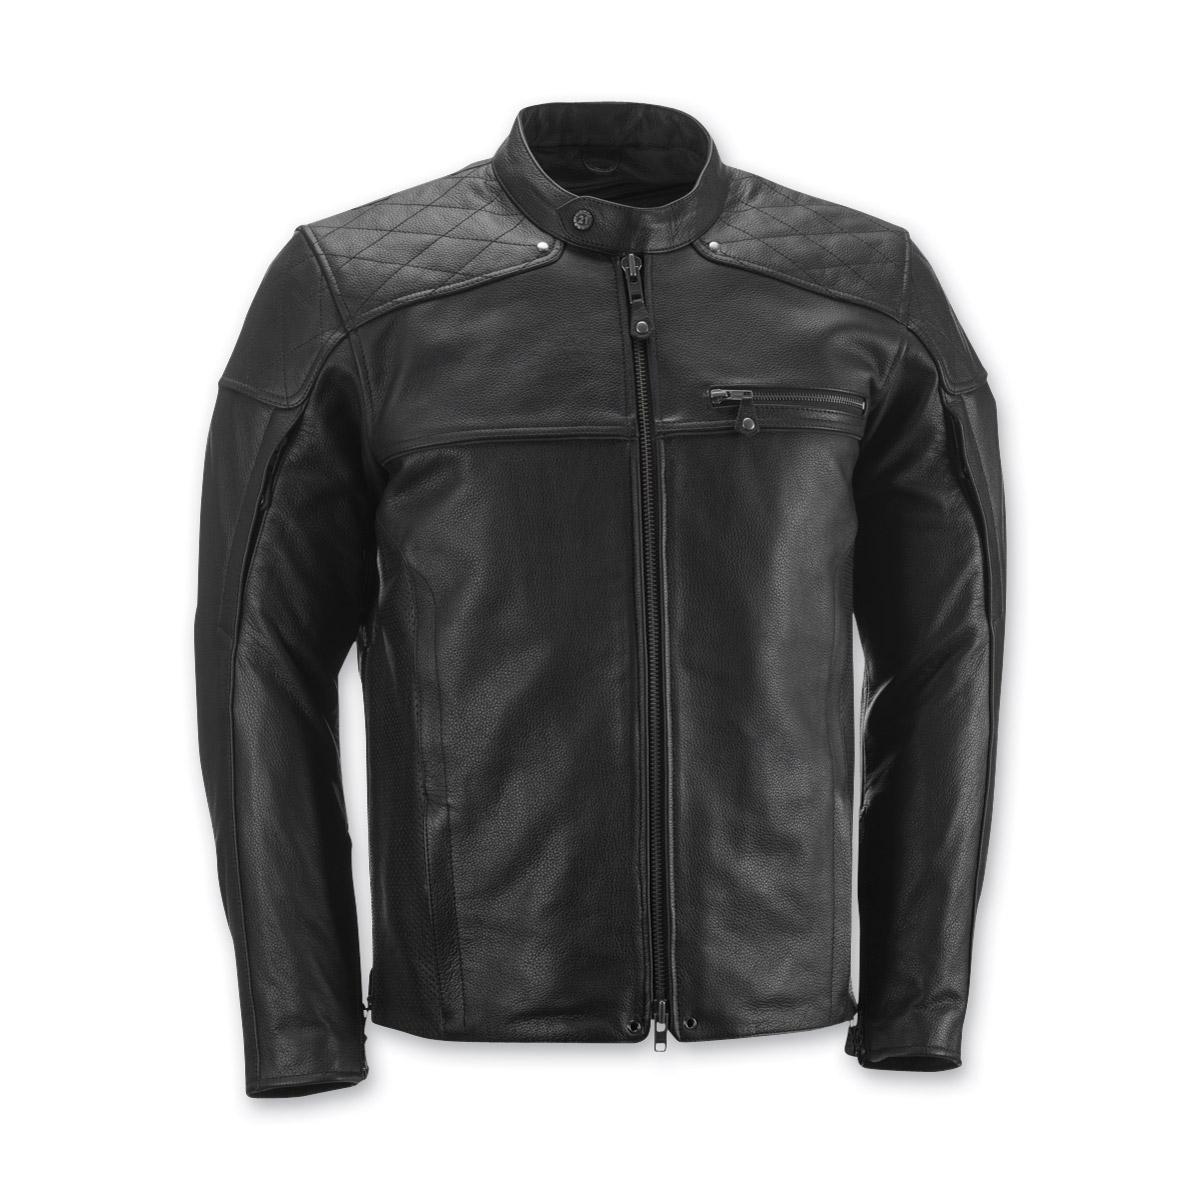 Highway 21 Men's Gasser Black Leather Jacket